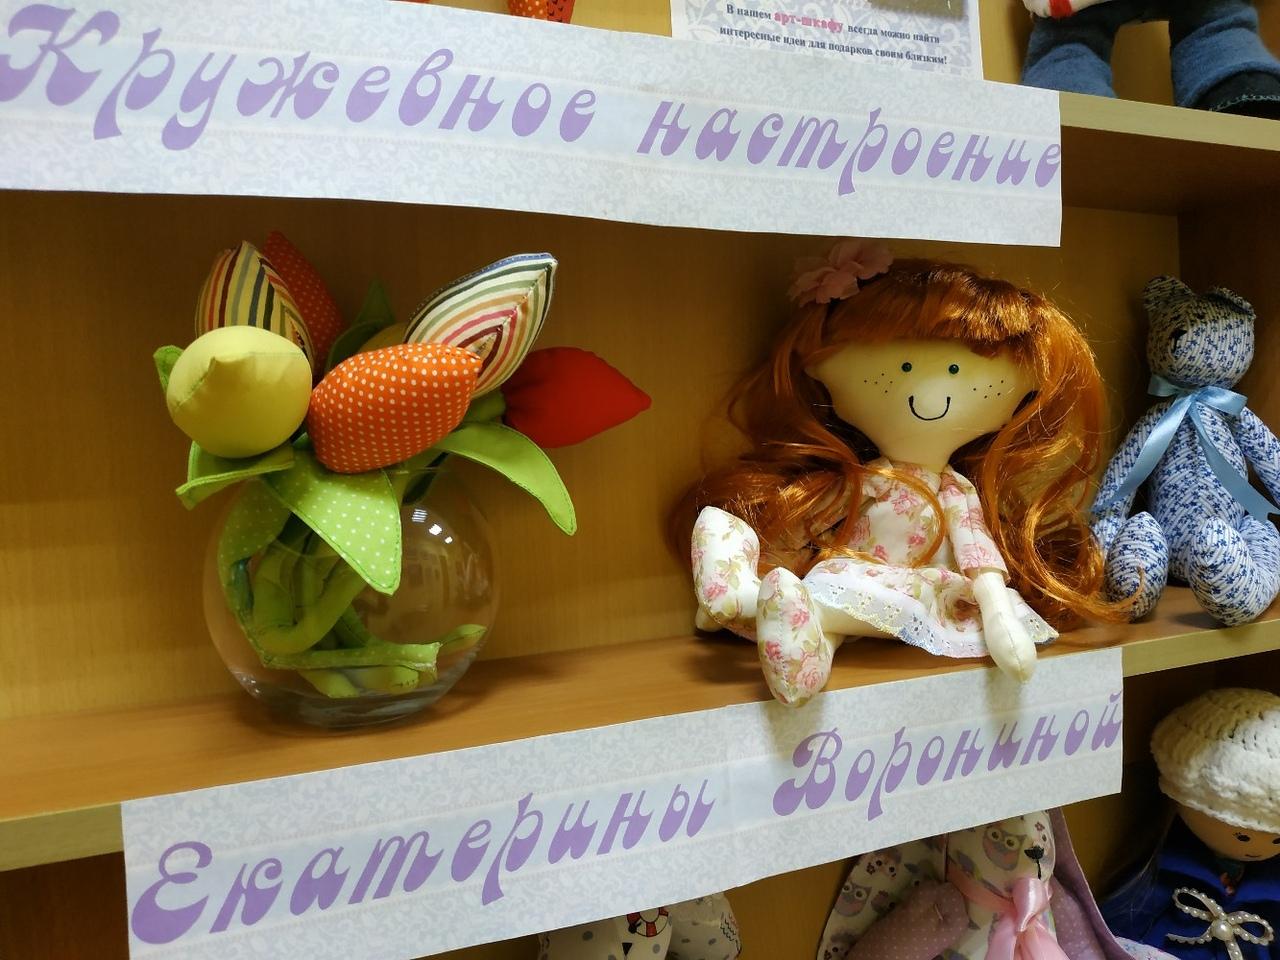 выставка-продажа игрушек ручной работы «Кружевное настроение»